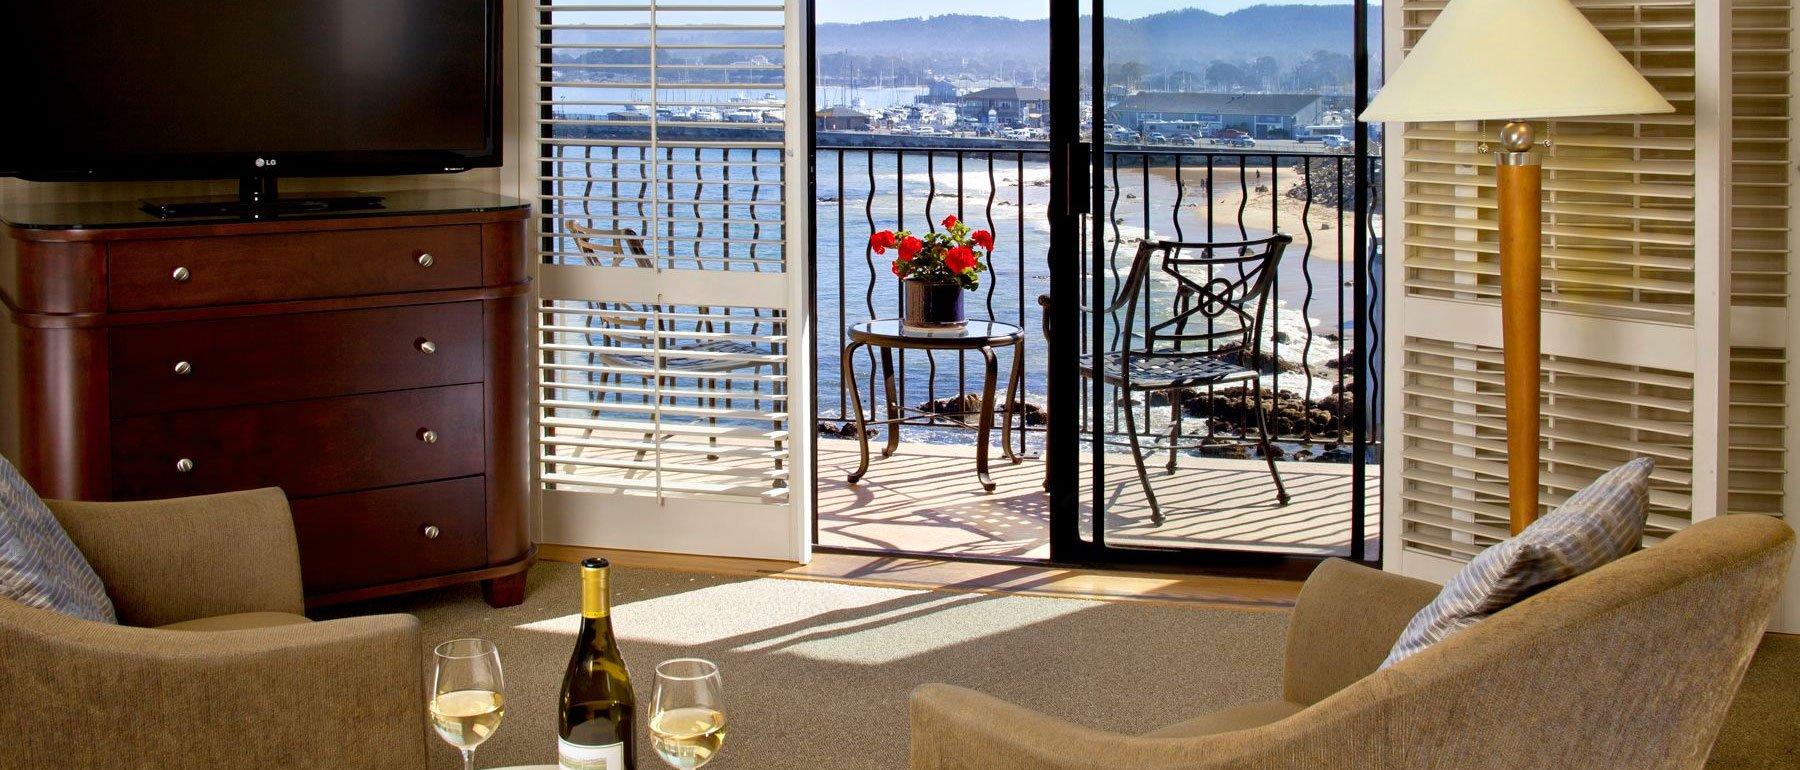 Ocean Harbor View Room at Hotel California